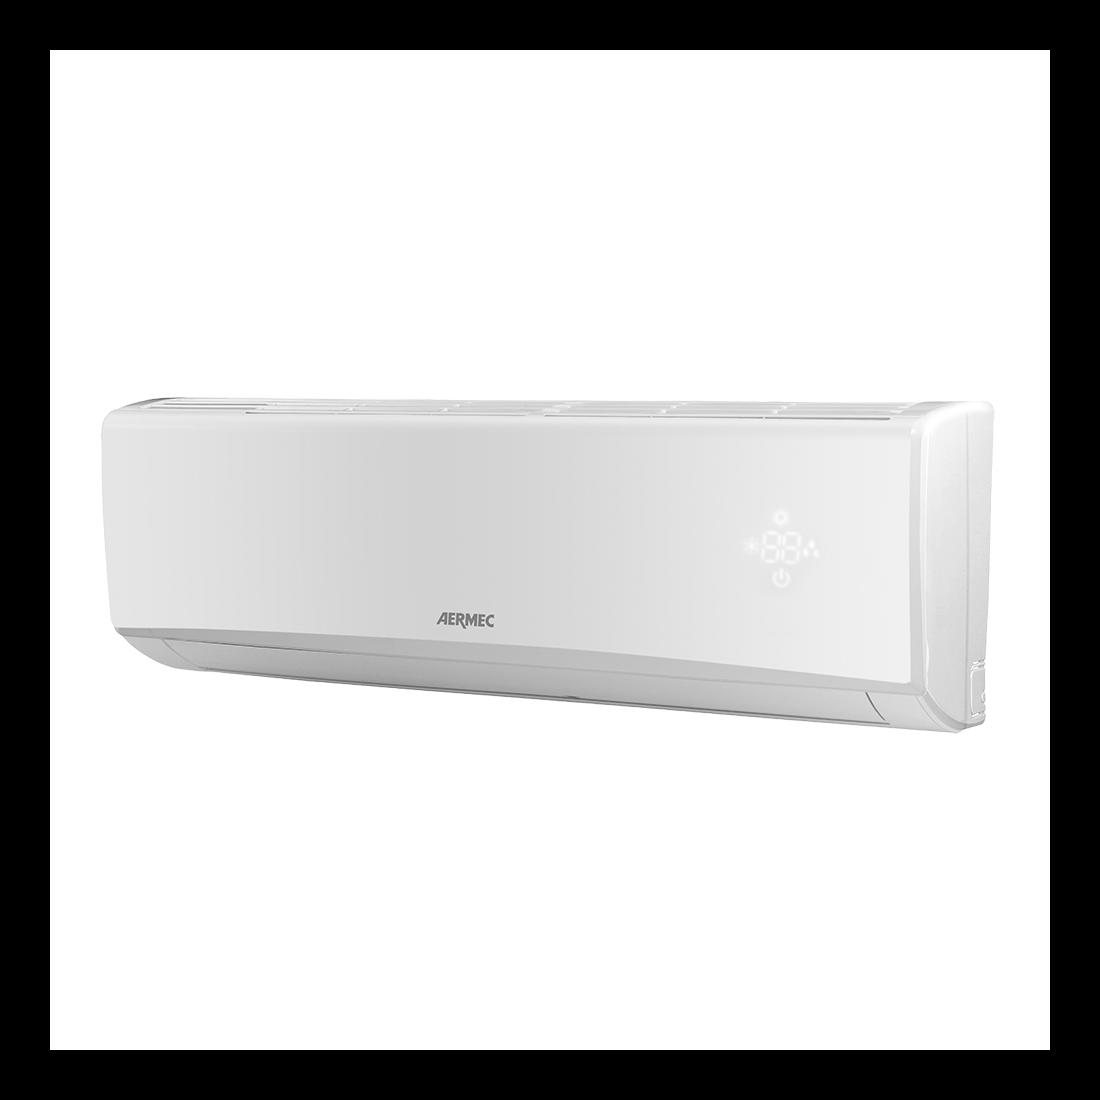 SLG. Pompa di calore mono-split R32 con tecnologia DC Inverter.